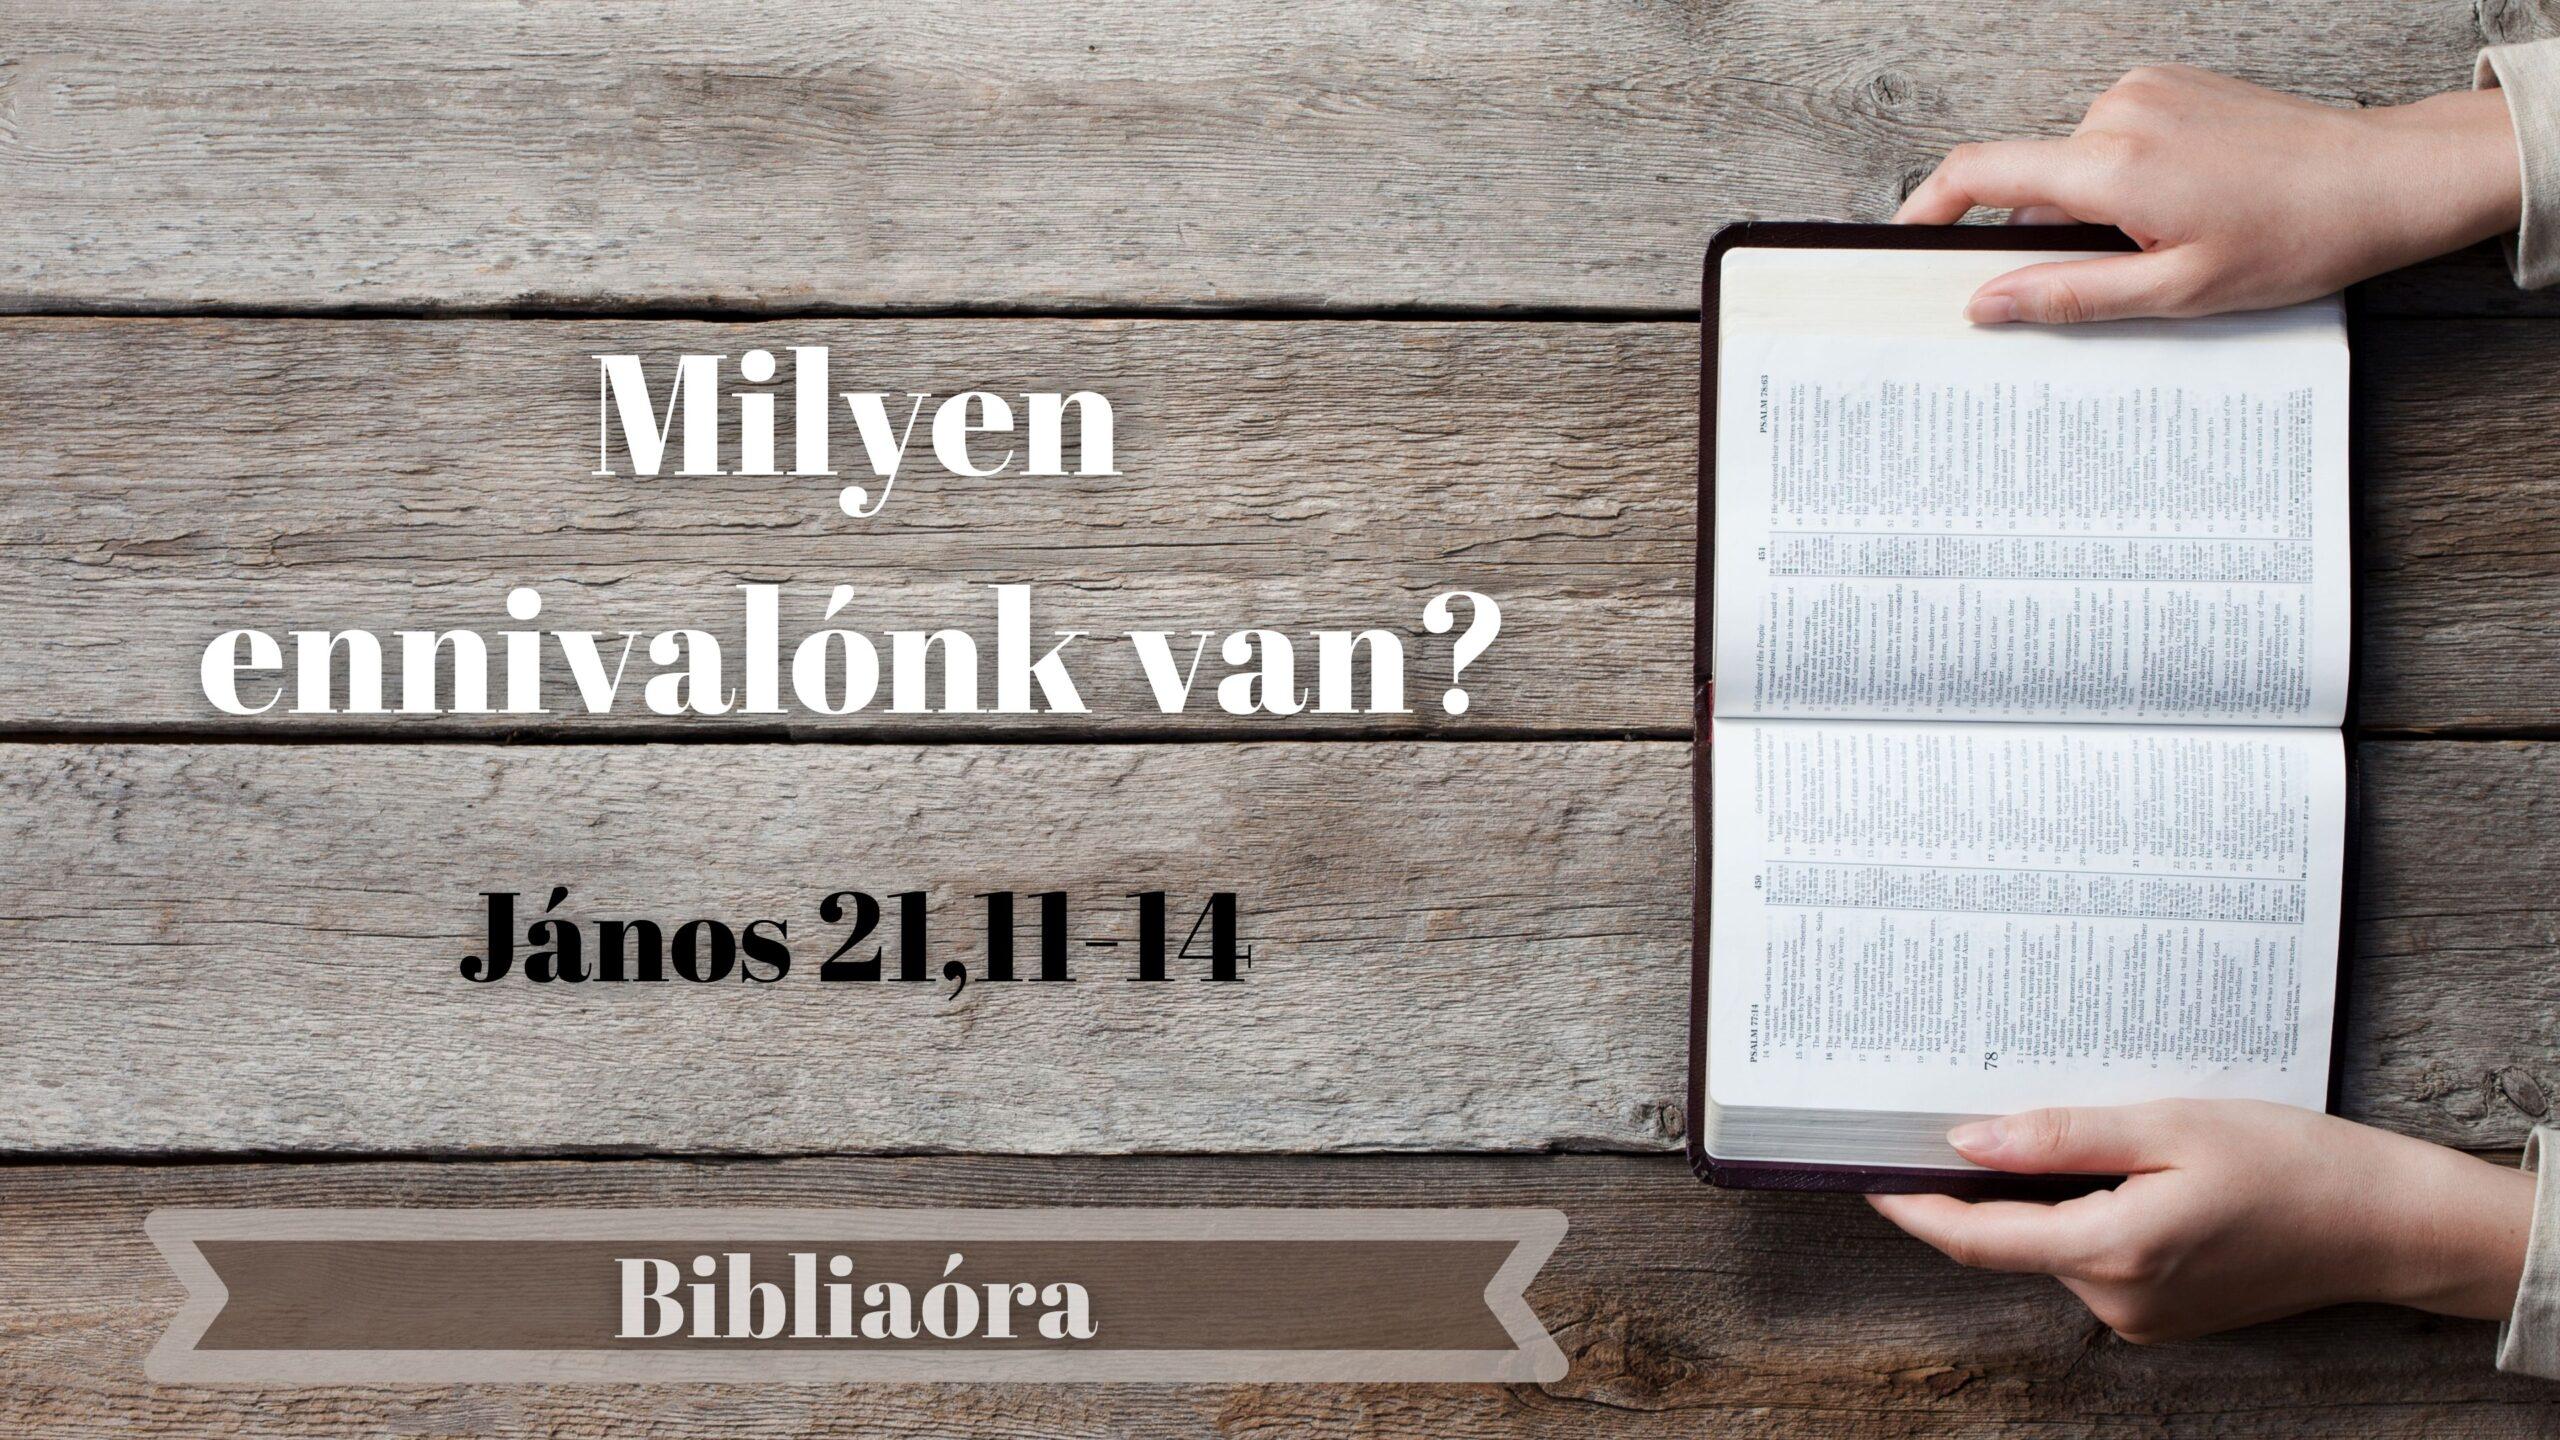 Bibliaóra: Milyen ennivalónk van?